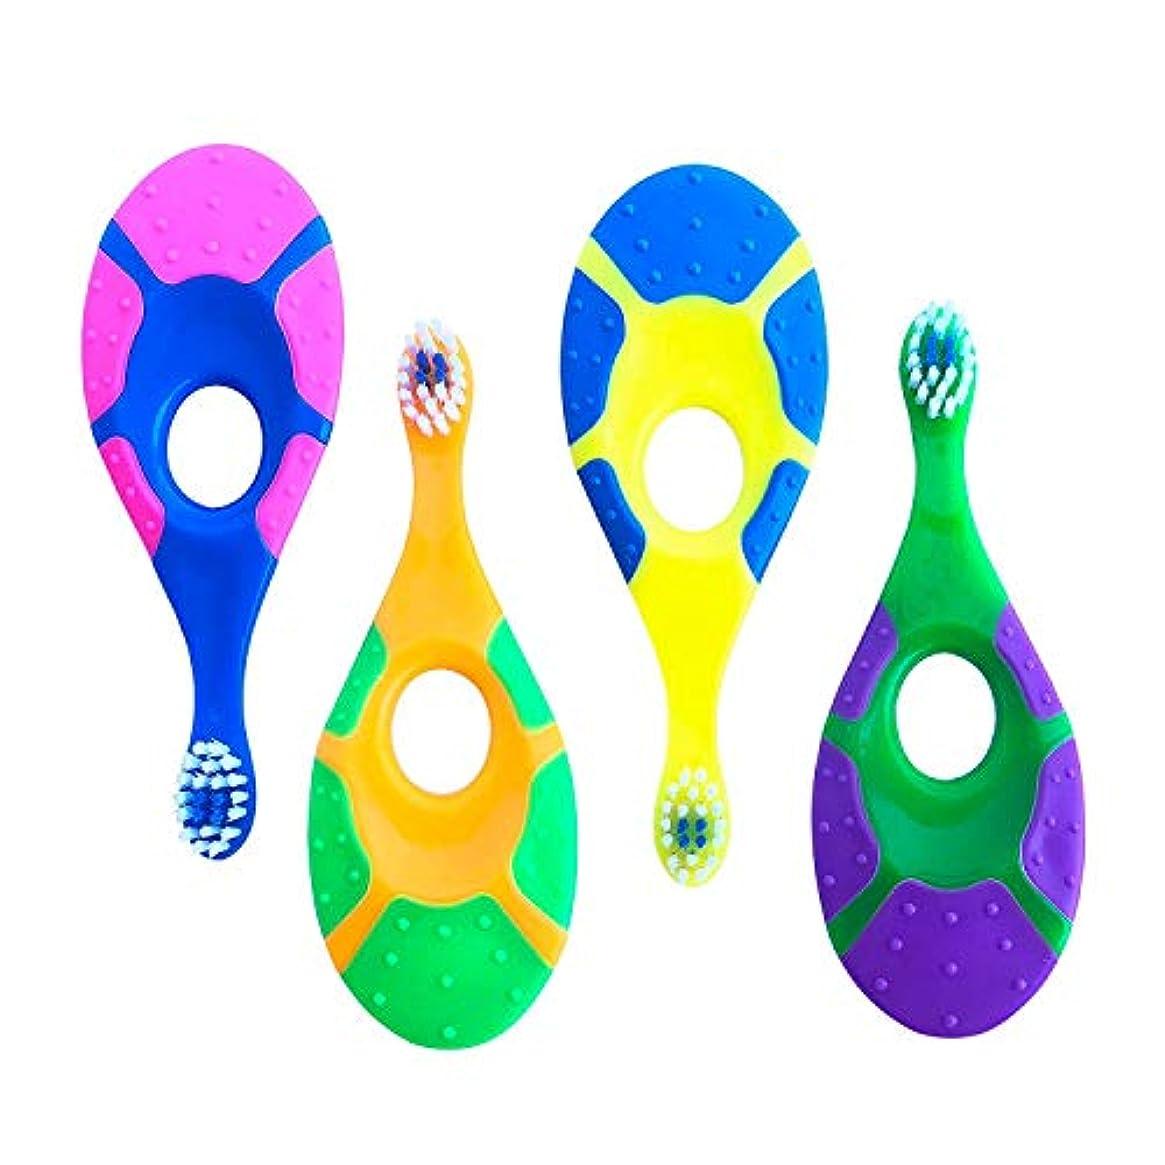 壁一緒に機関Nrpfell 4セットのベビー歯ブラシ - 信頼性 - 柔らかい剛毛 - 指ハンドル歯ブラシ 0?2歳用 - 子供の最初のセットランダムカラー